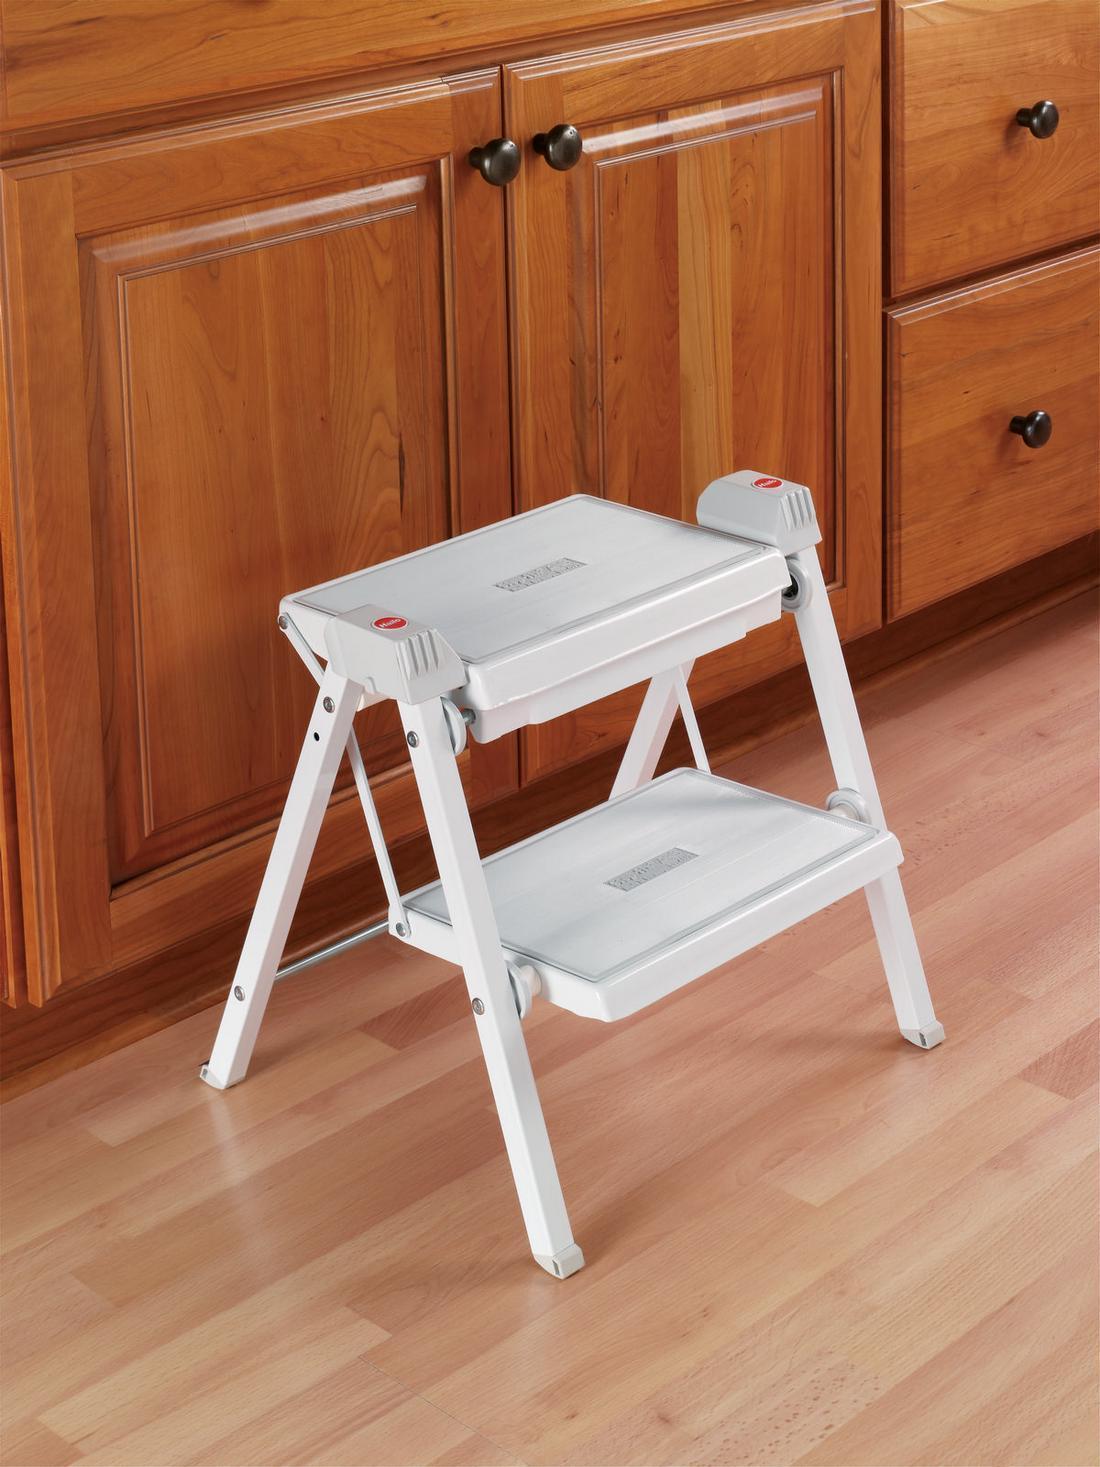 Hafele 505 04 704 Folding Step Stool White Gray